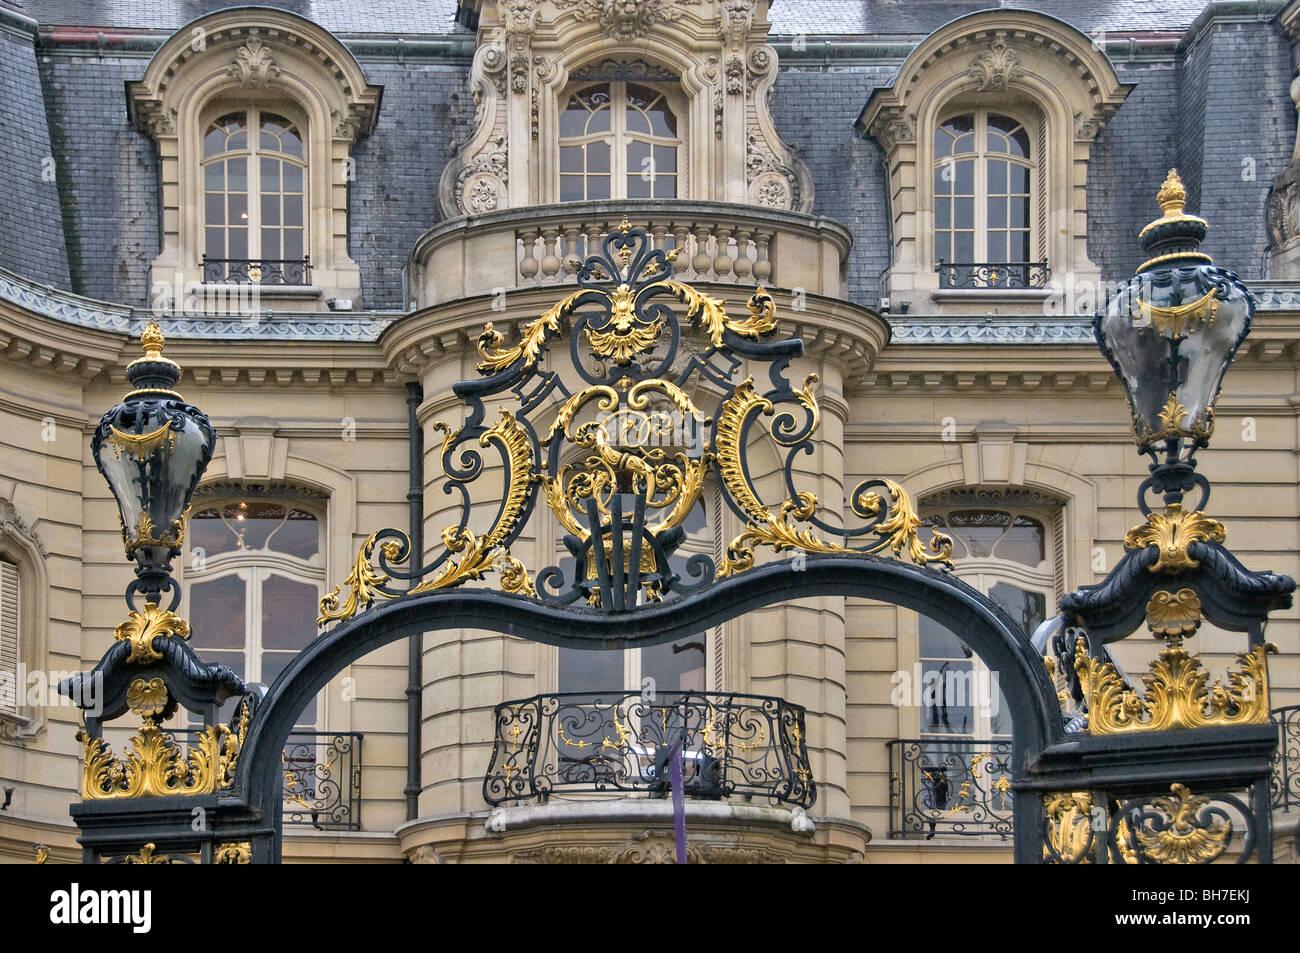 Hôtel particulier Rond-Point des Champs Elysées, Paris France Photo Stock